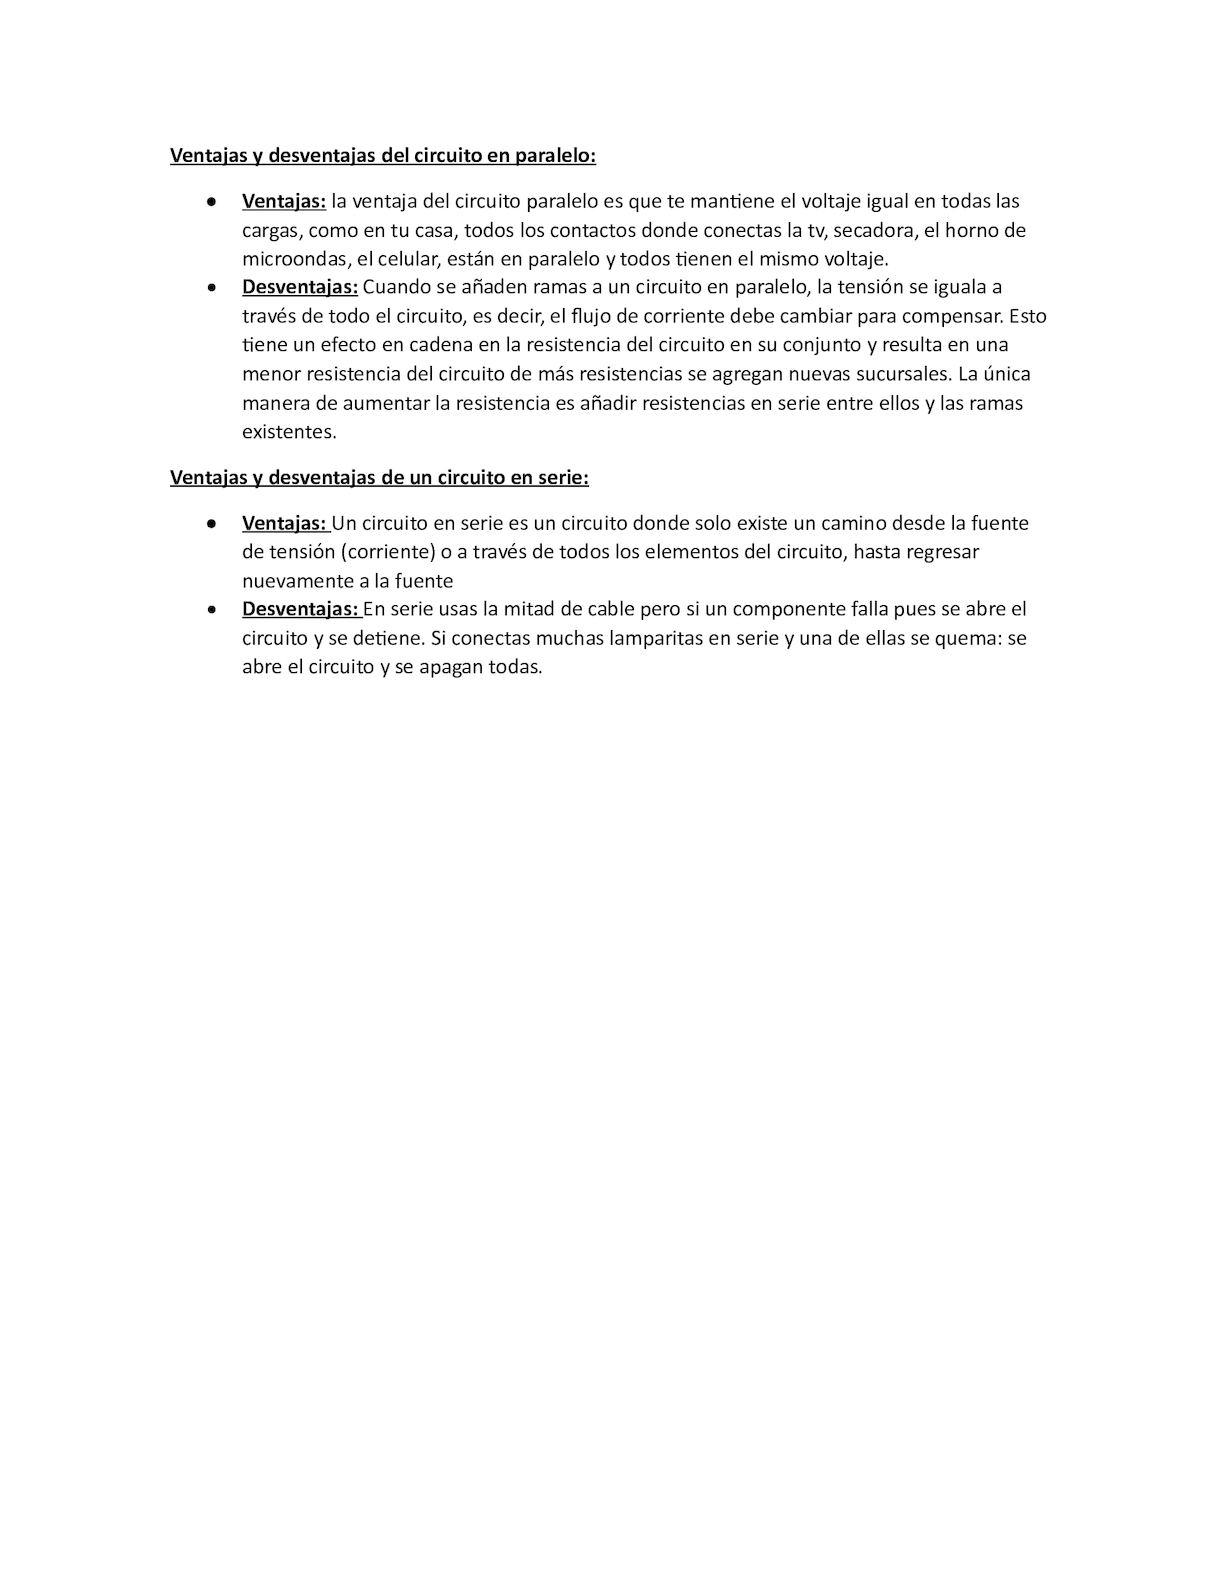 Circuito Significado : Calaméo ventajas y desventajas del circuito en paralelo